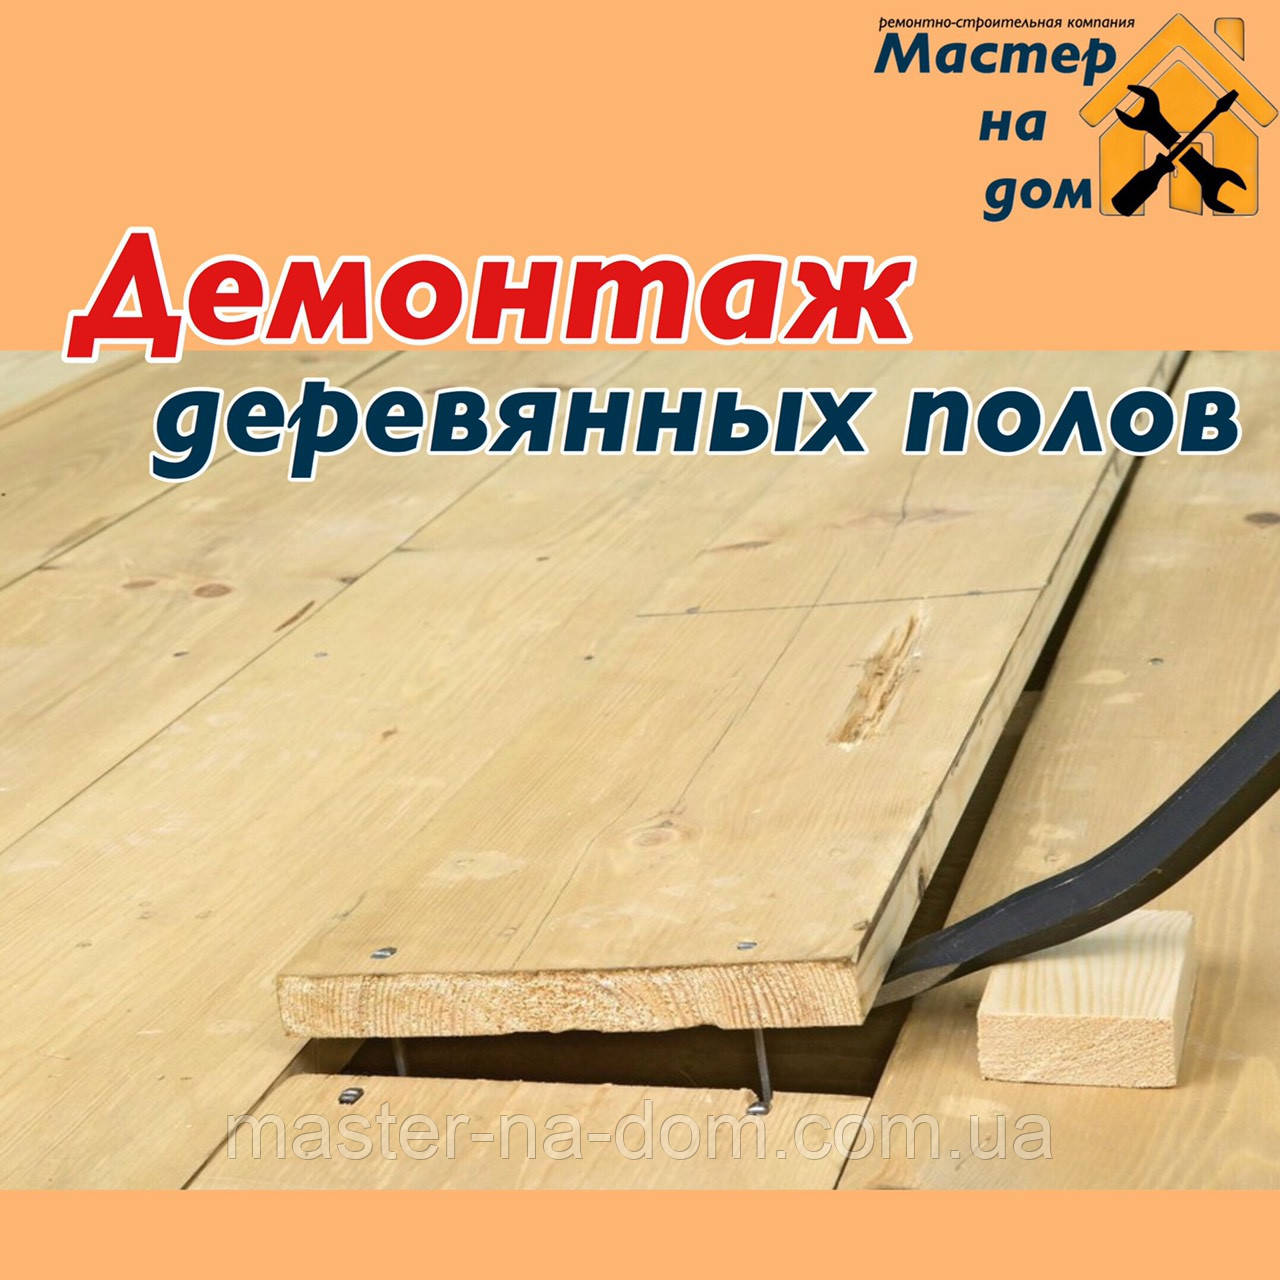 Демонтаж деревянных,паркетных полов в Киеве